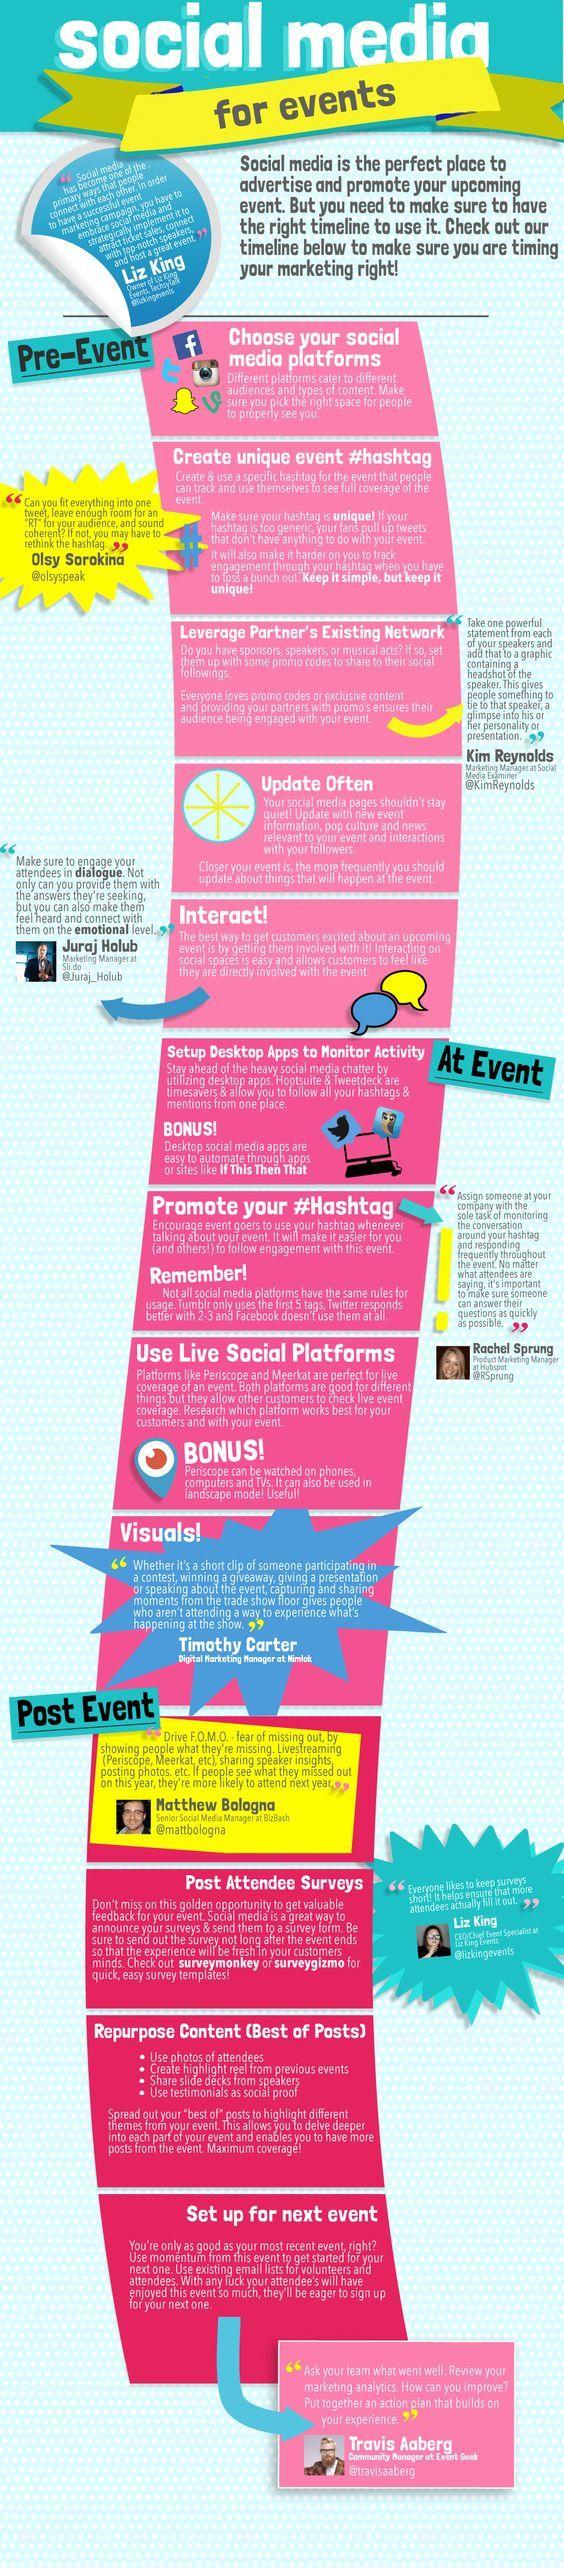 Cómo usar las redes sociales en un evento [Infografía]